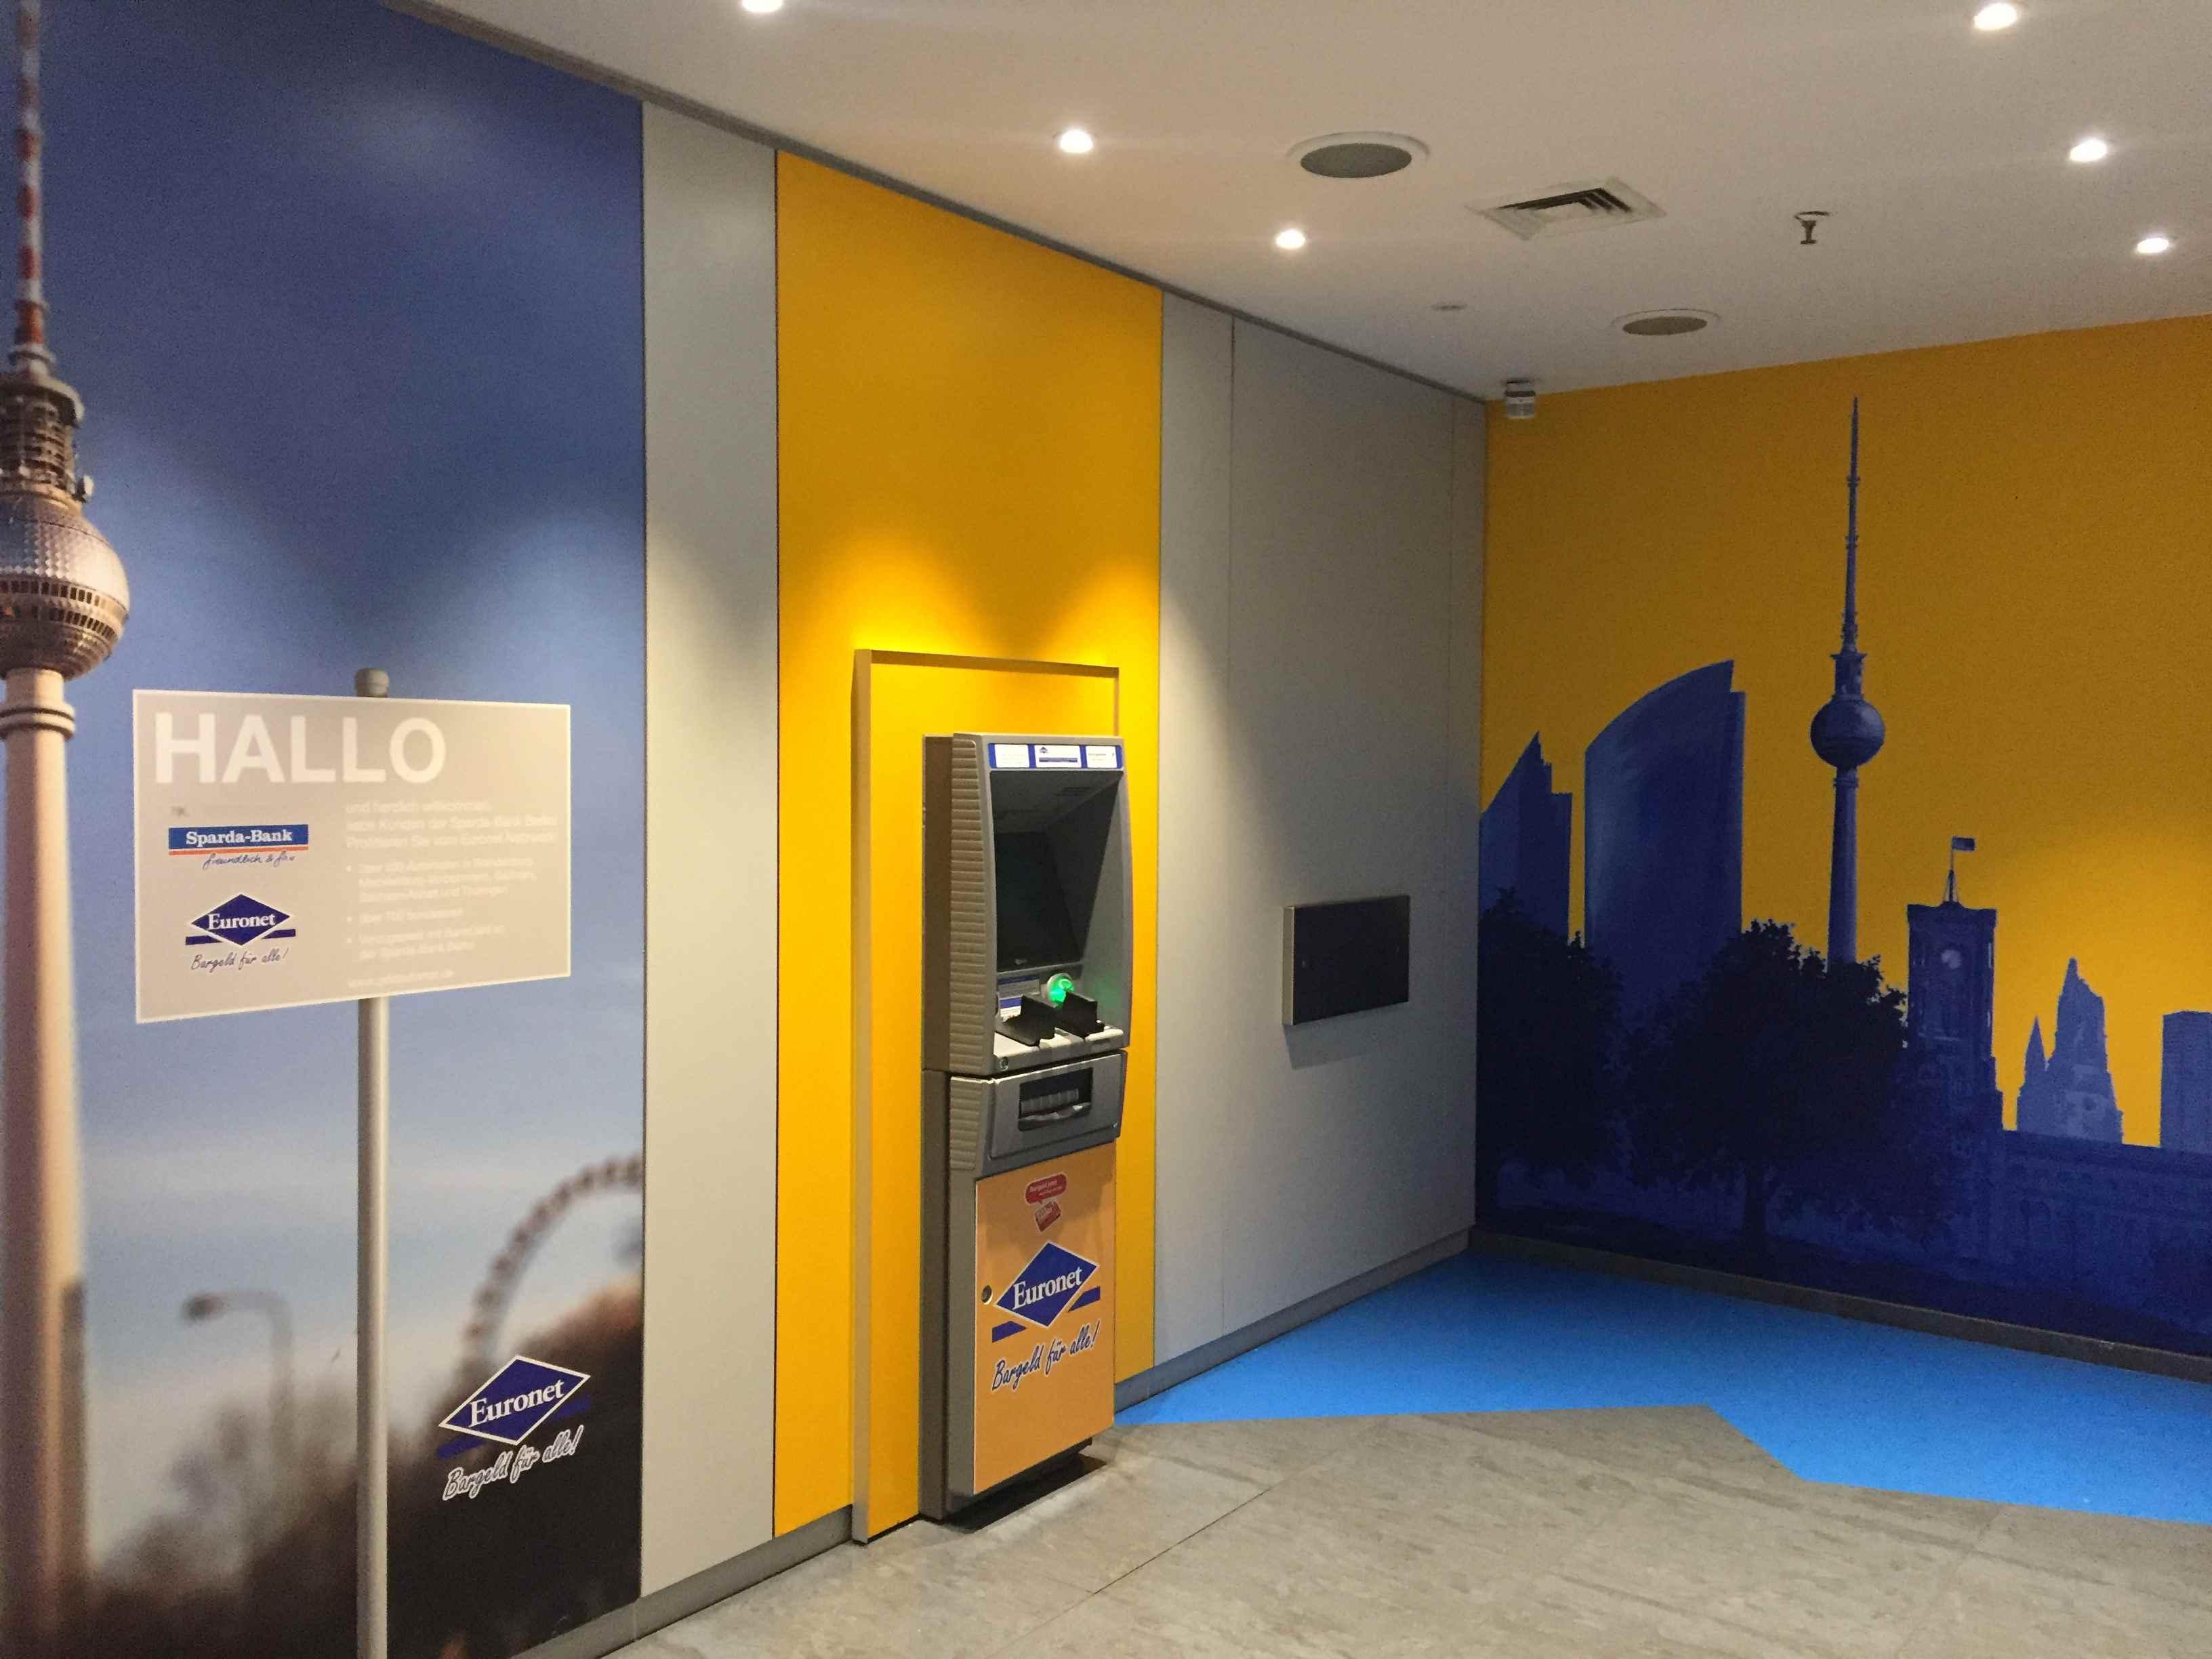 Euronet im Sony Center am Potsdamer Platz